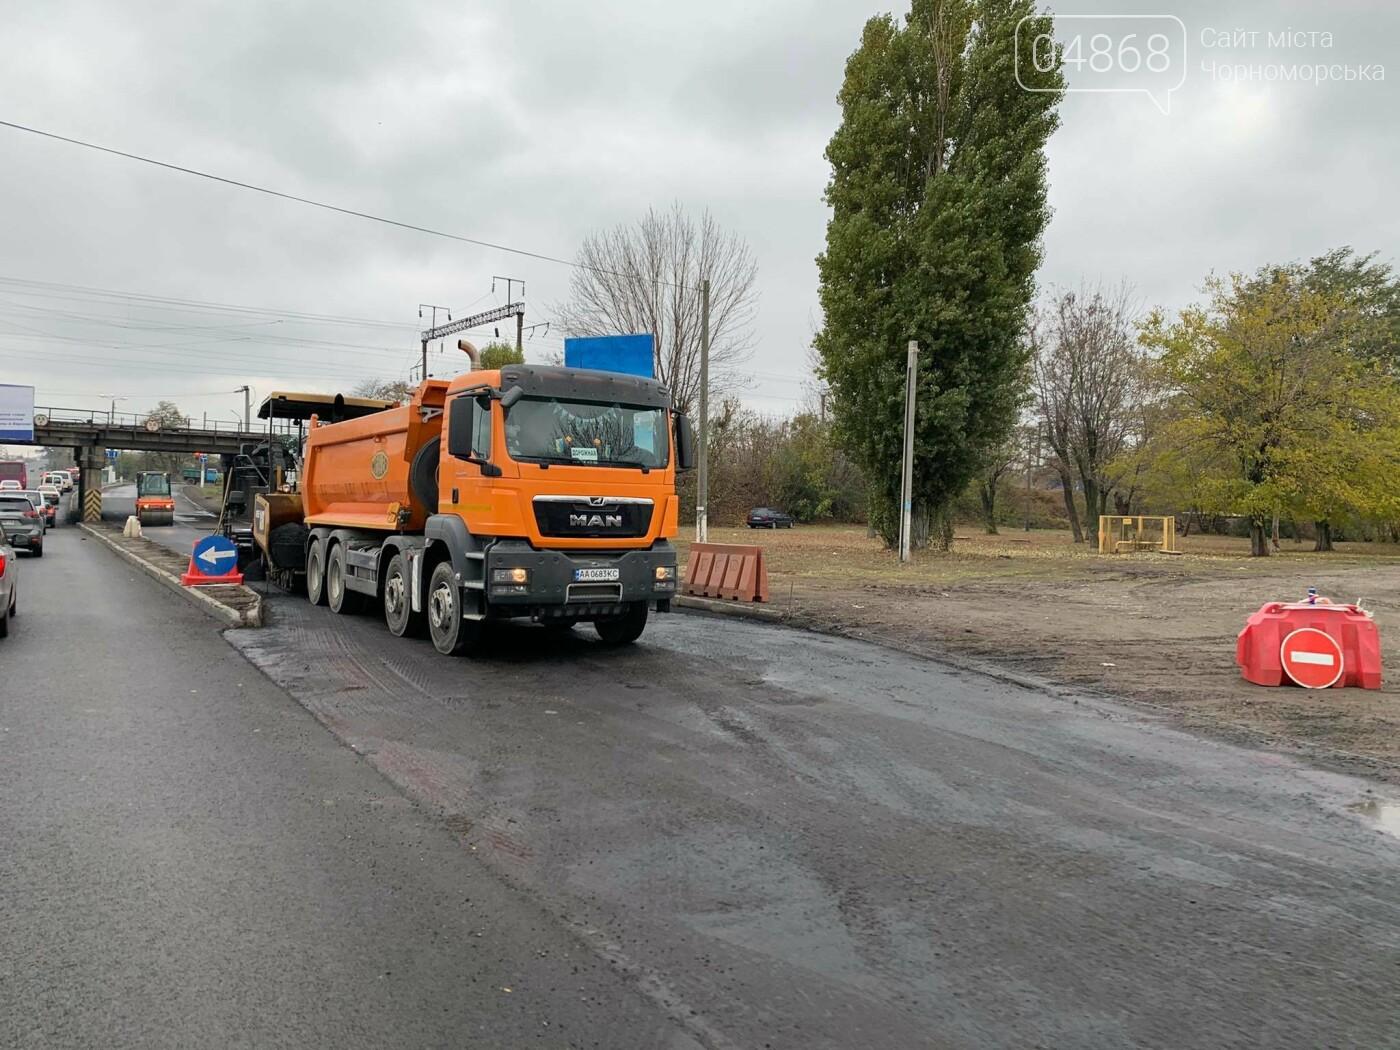 Из-за ремонтных работ в Адександровке образовалась пробка, фото-5